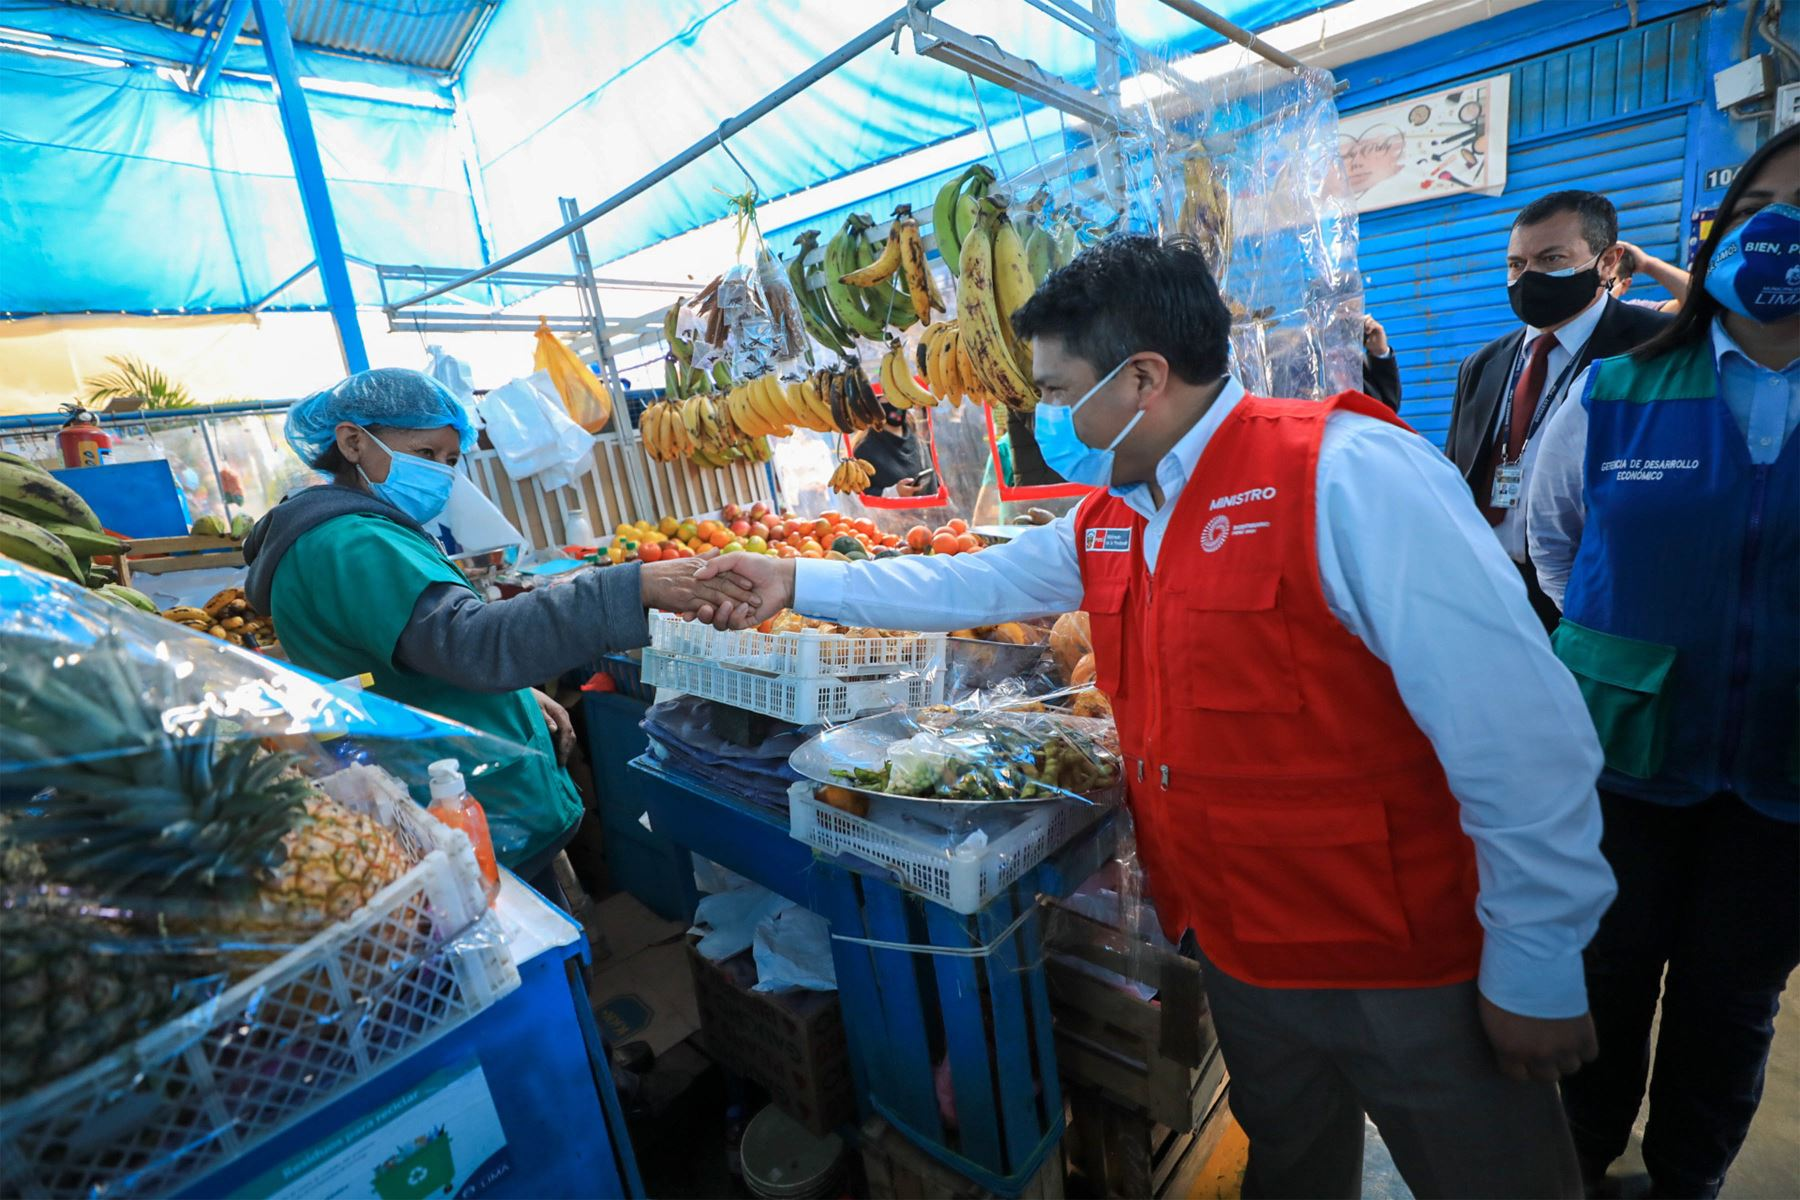 """El ministro de la Producción,  Yvan Quispe anunció el concurso Mercados Modernos"""" en el mercado de Mirones Bajo, Cercado de Lima. Foto:@MINPRODUCCION"""